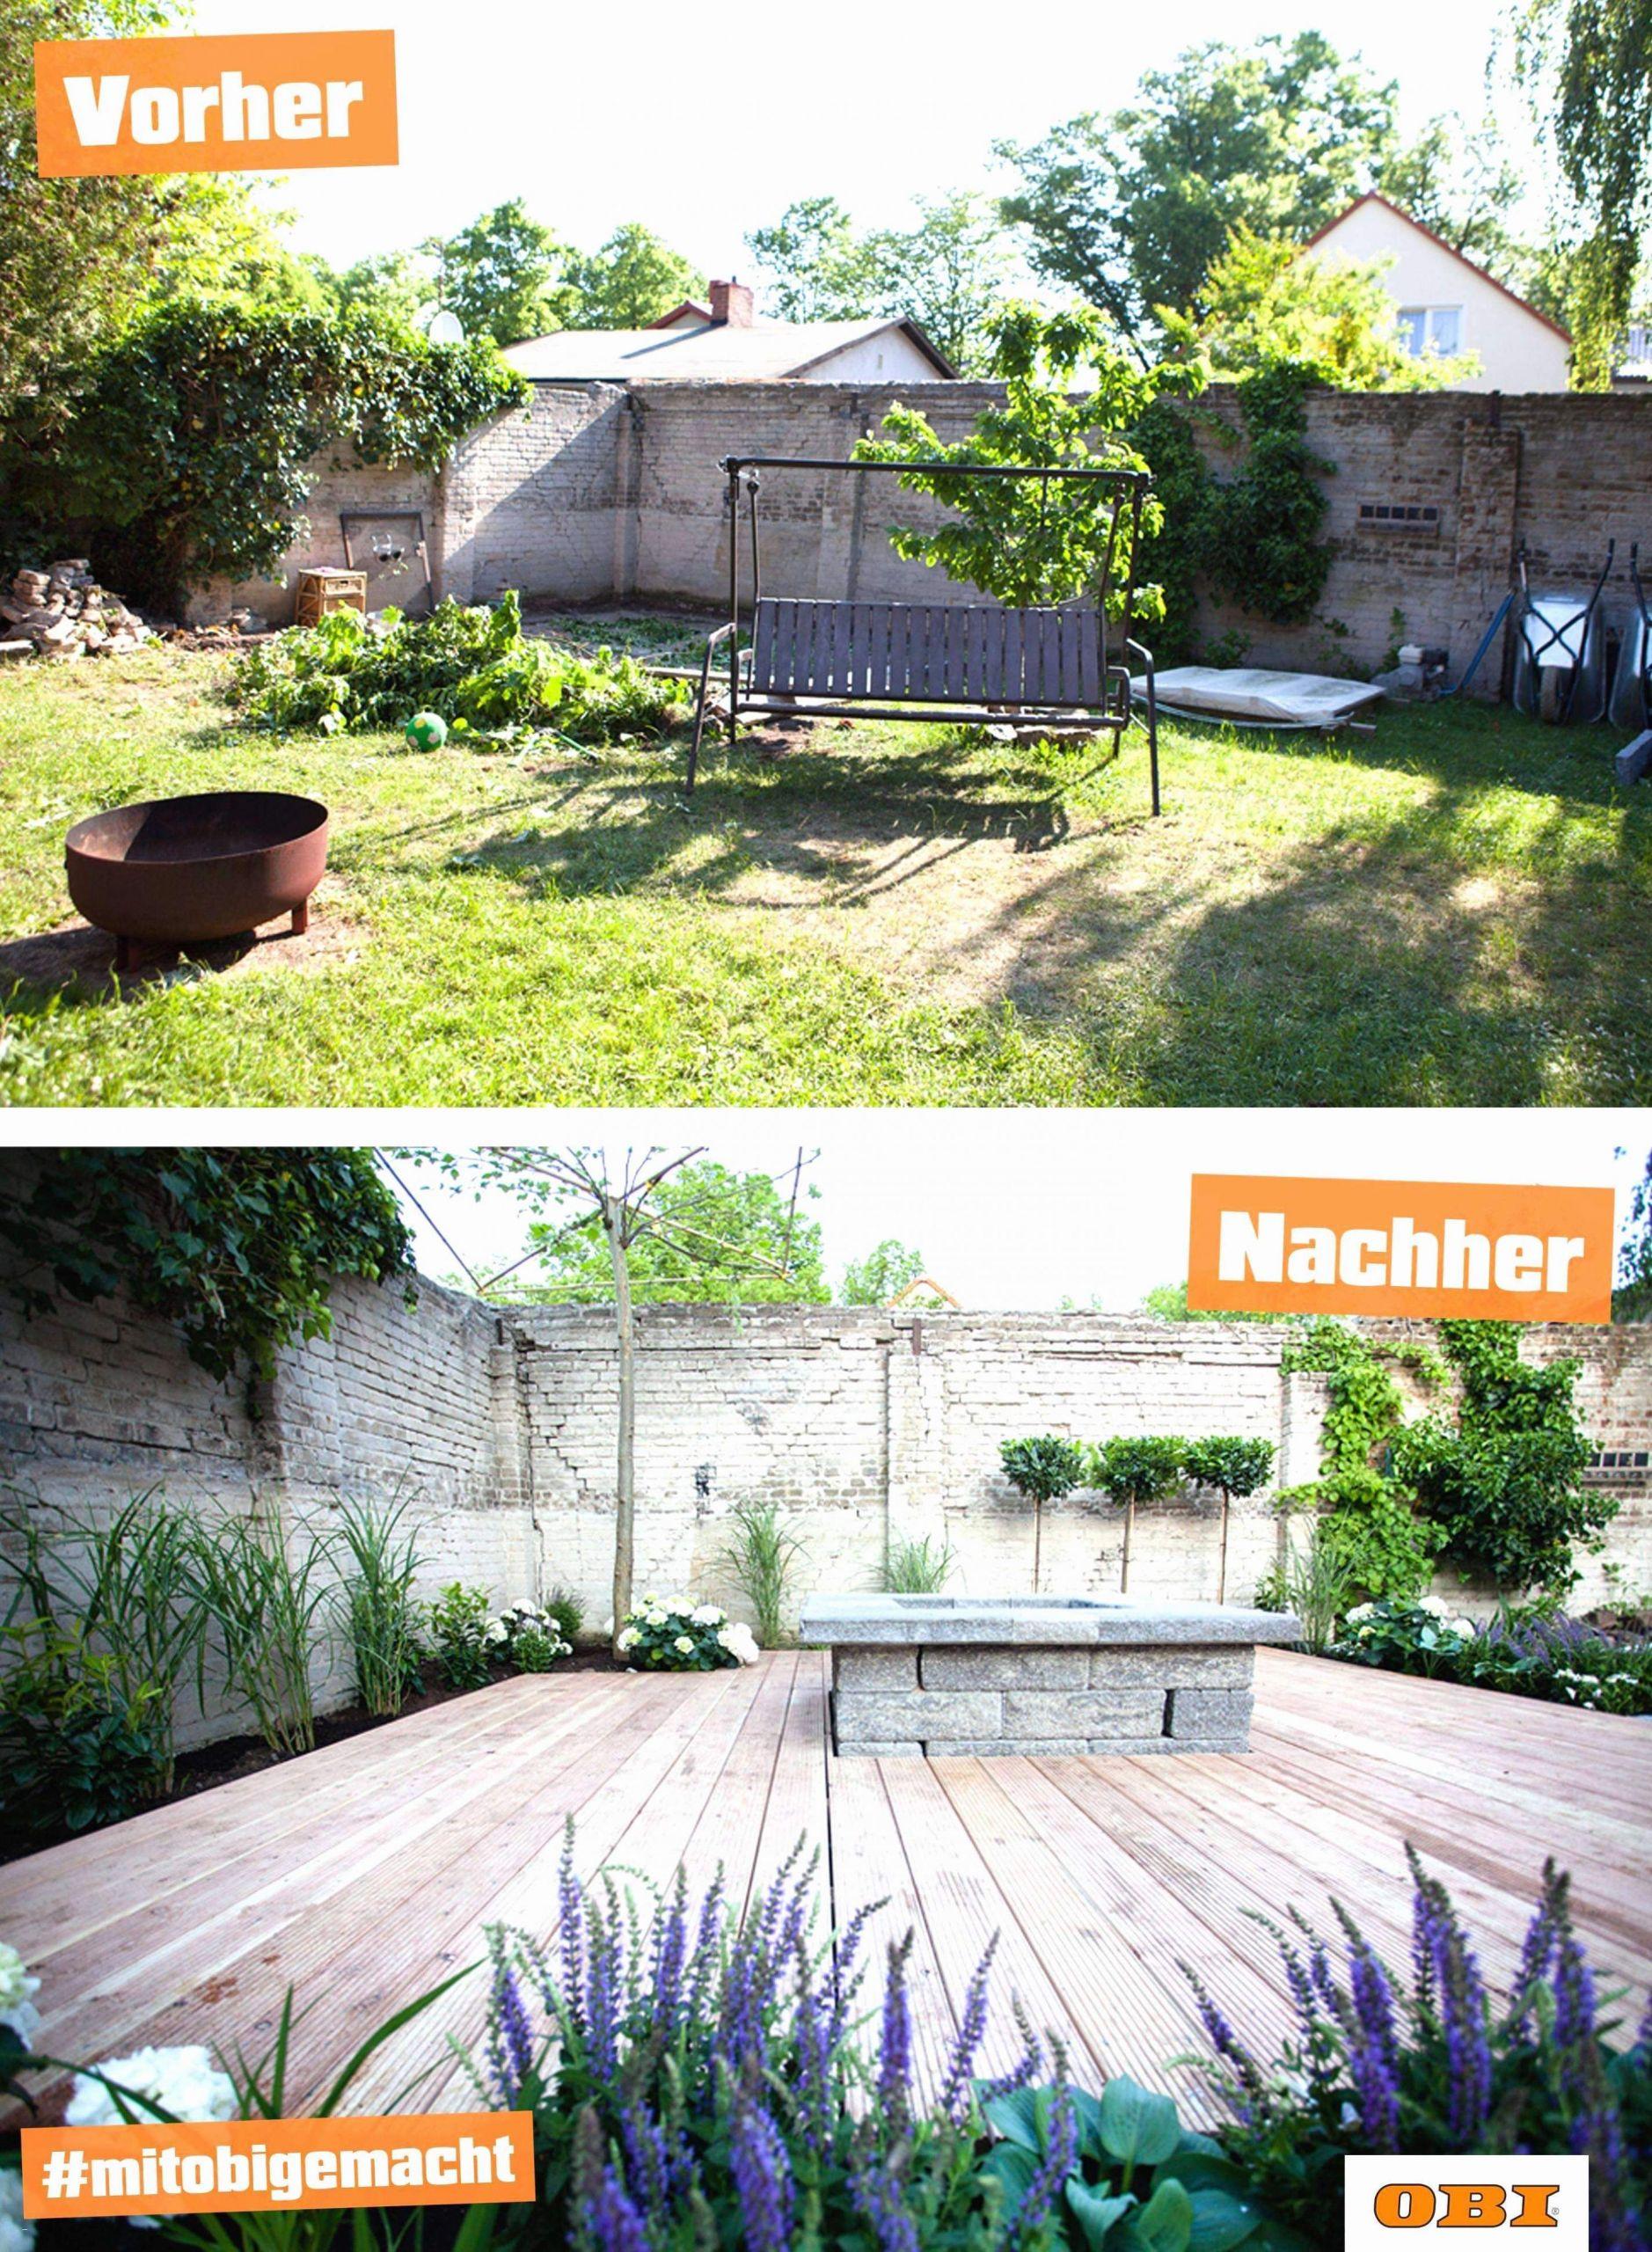 Steinmauer Garten Sichtschutz Gartendekorationen Inspirierend Gartengestaltung Ideen Mit Steinen Temobardz Home Blog Garten Anlegen